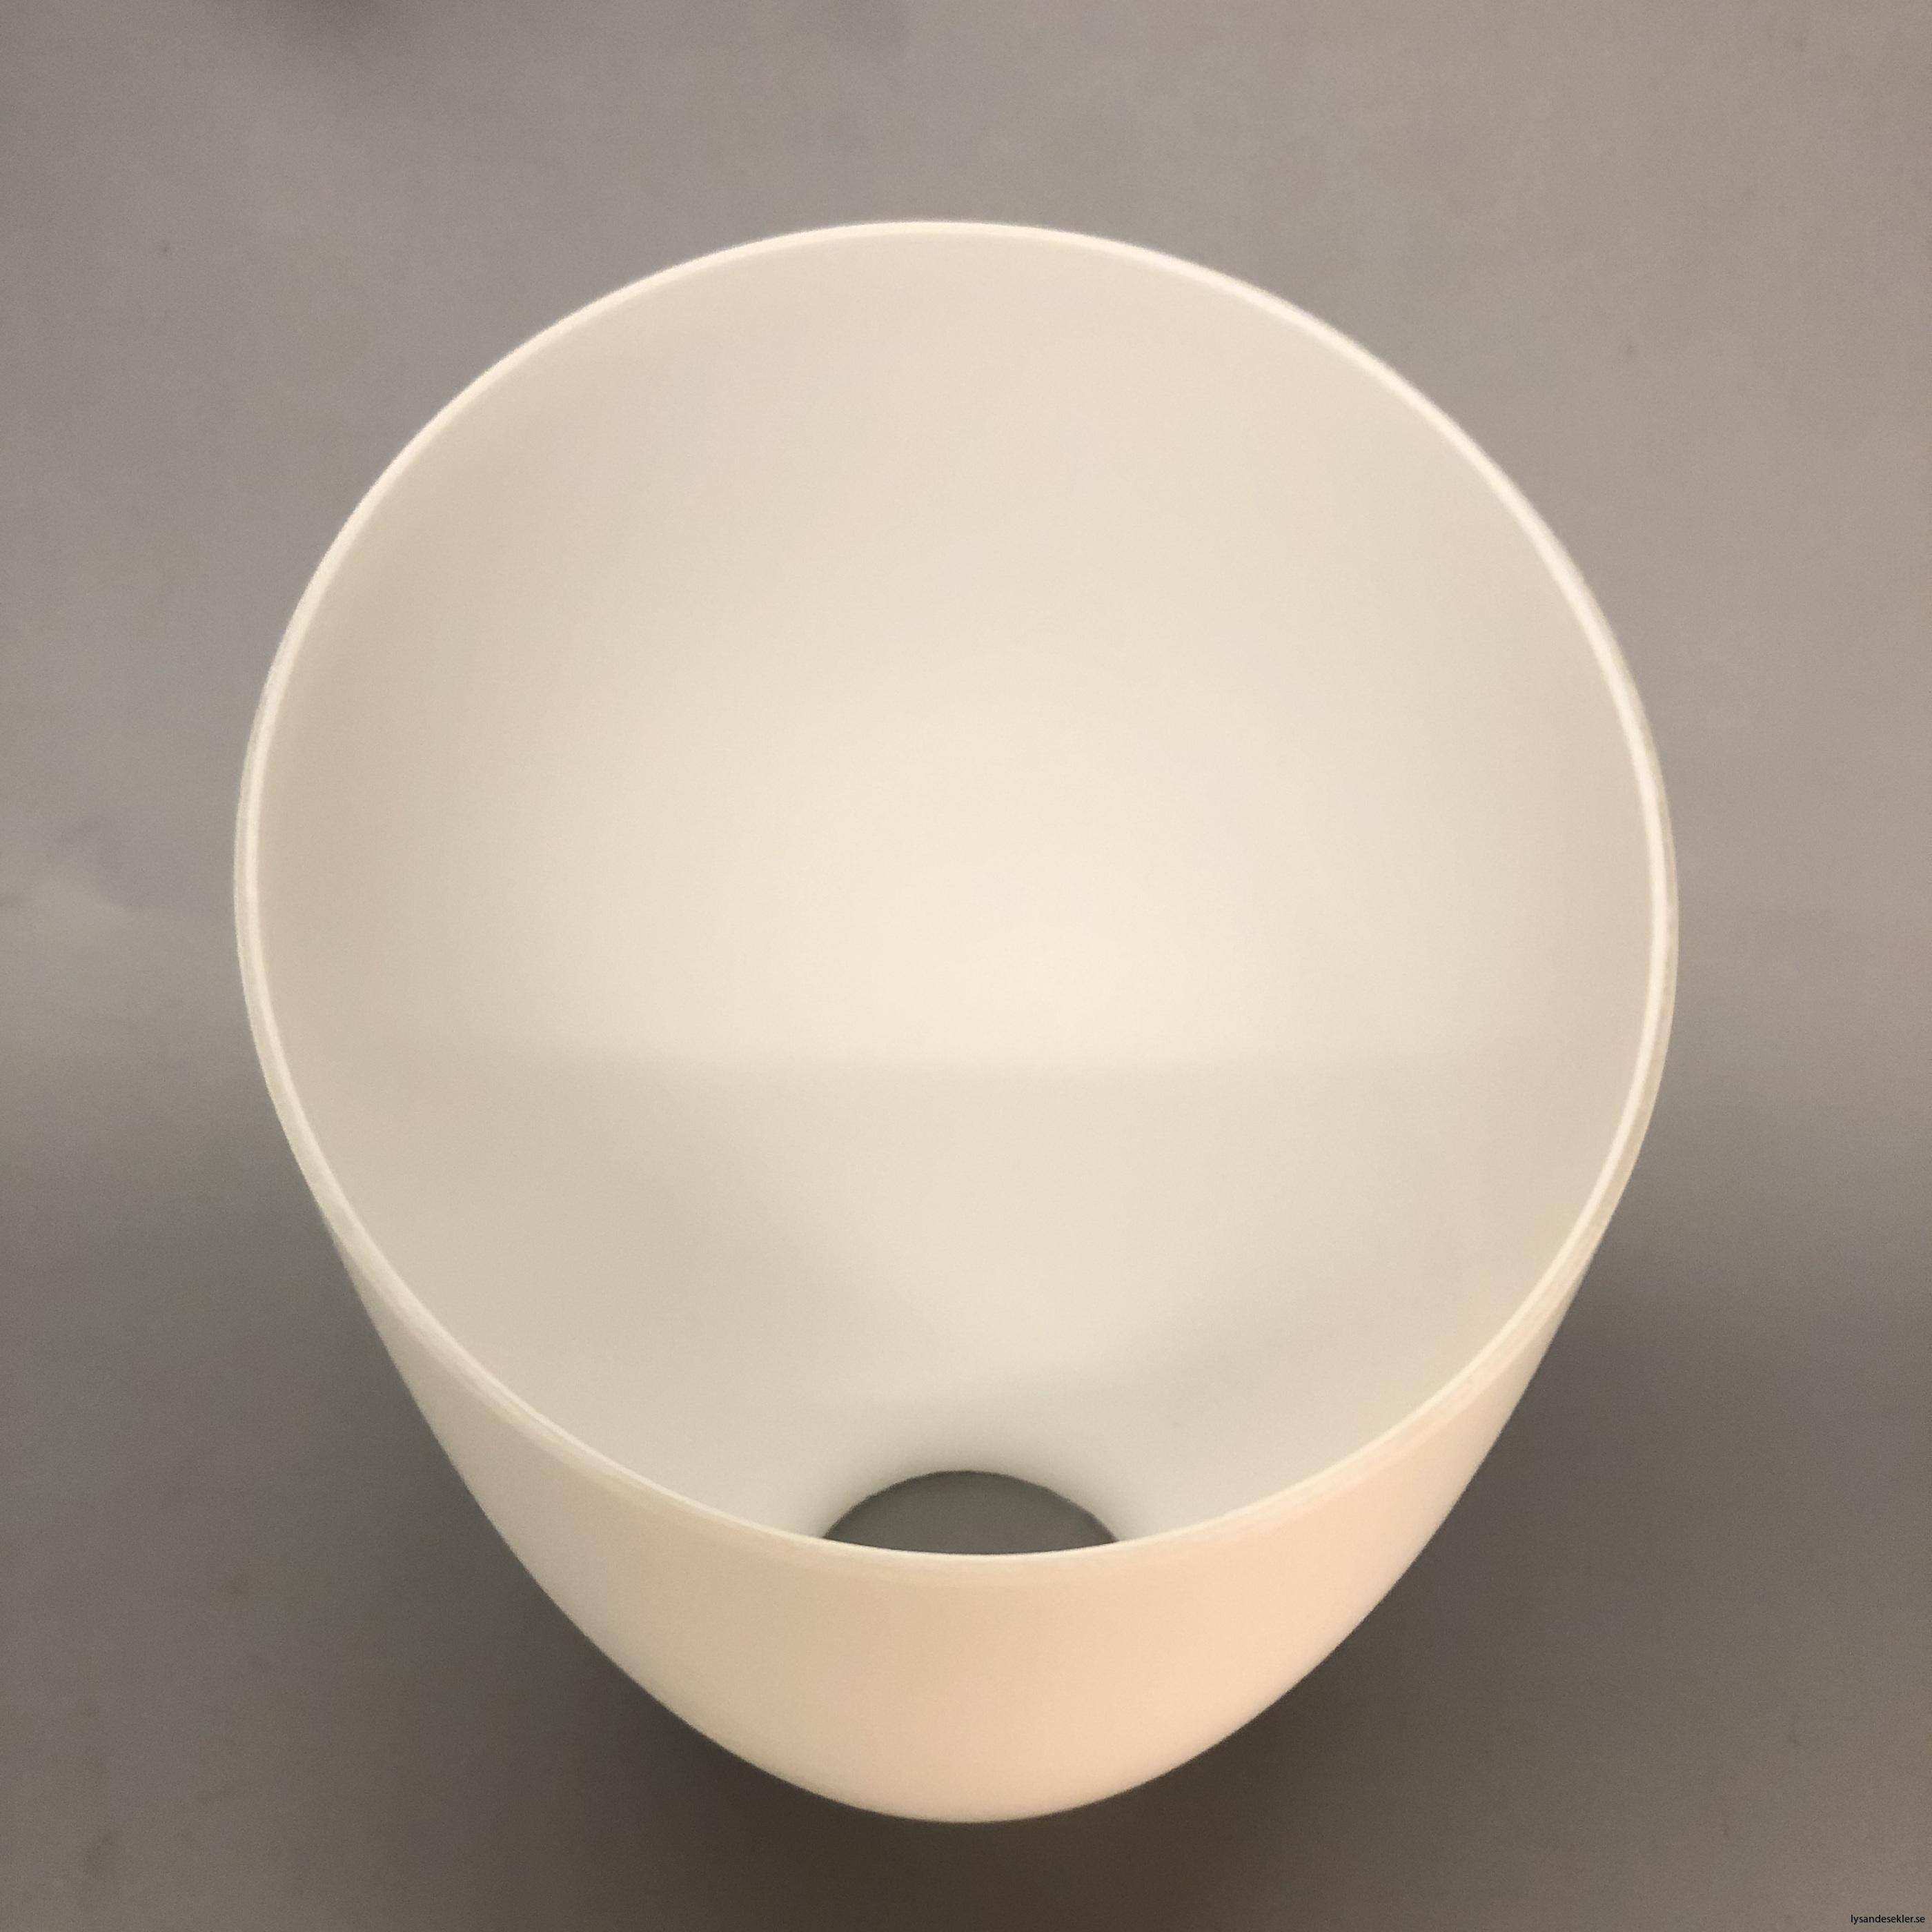 snedskuren lampskärm med hål i matt glas6